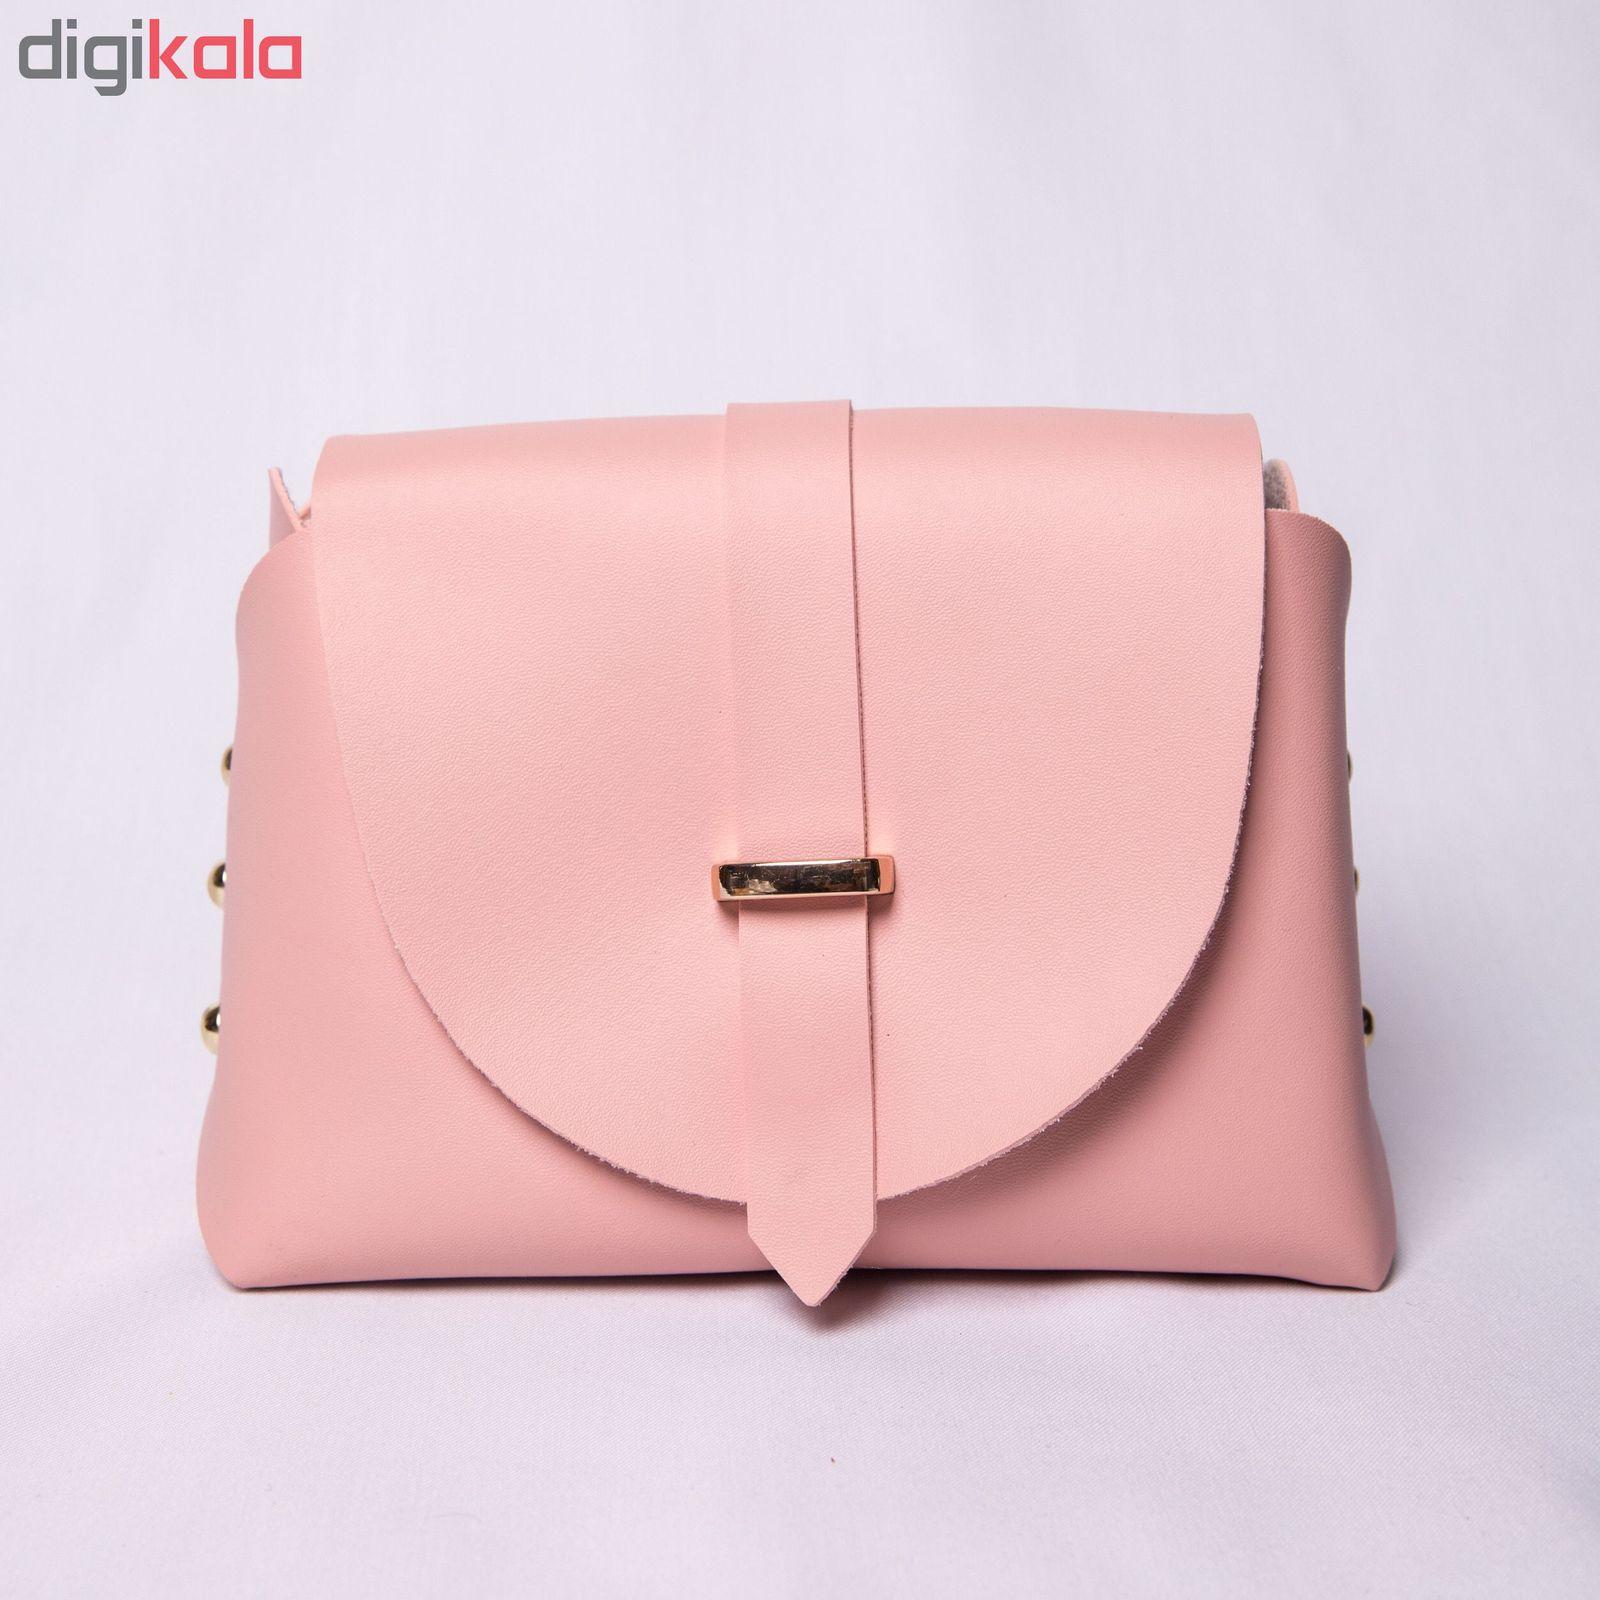 کیف دوشی زنانه مدل روشا -  - 5